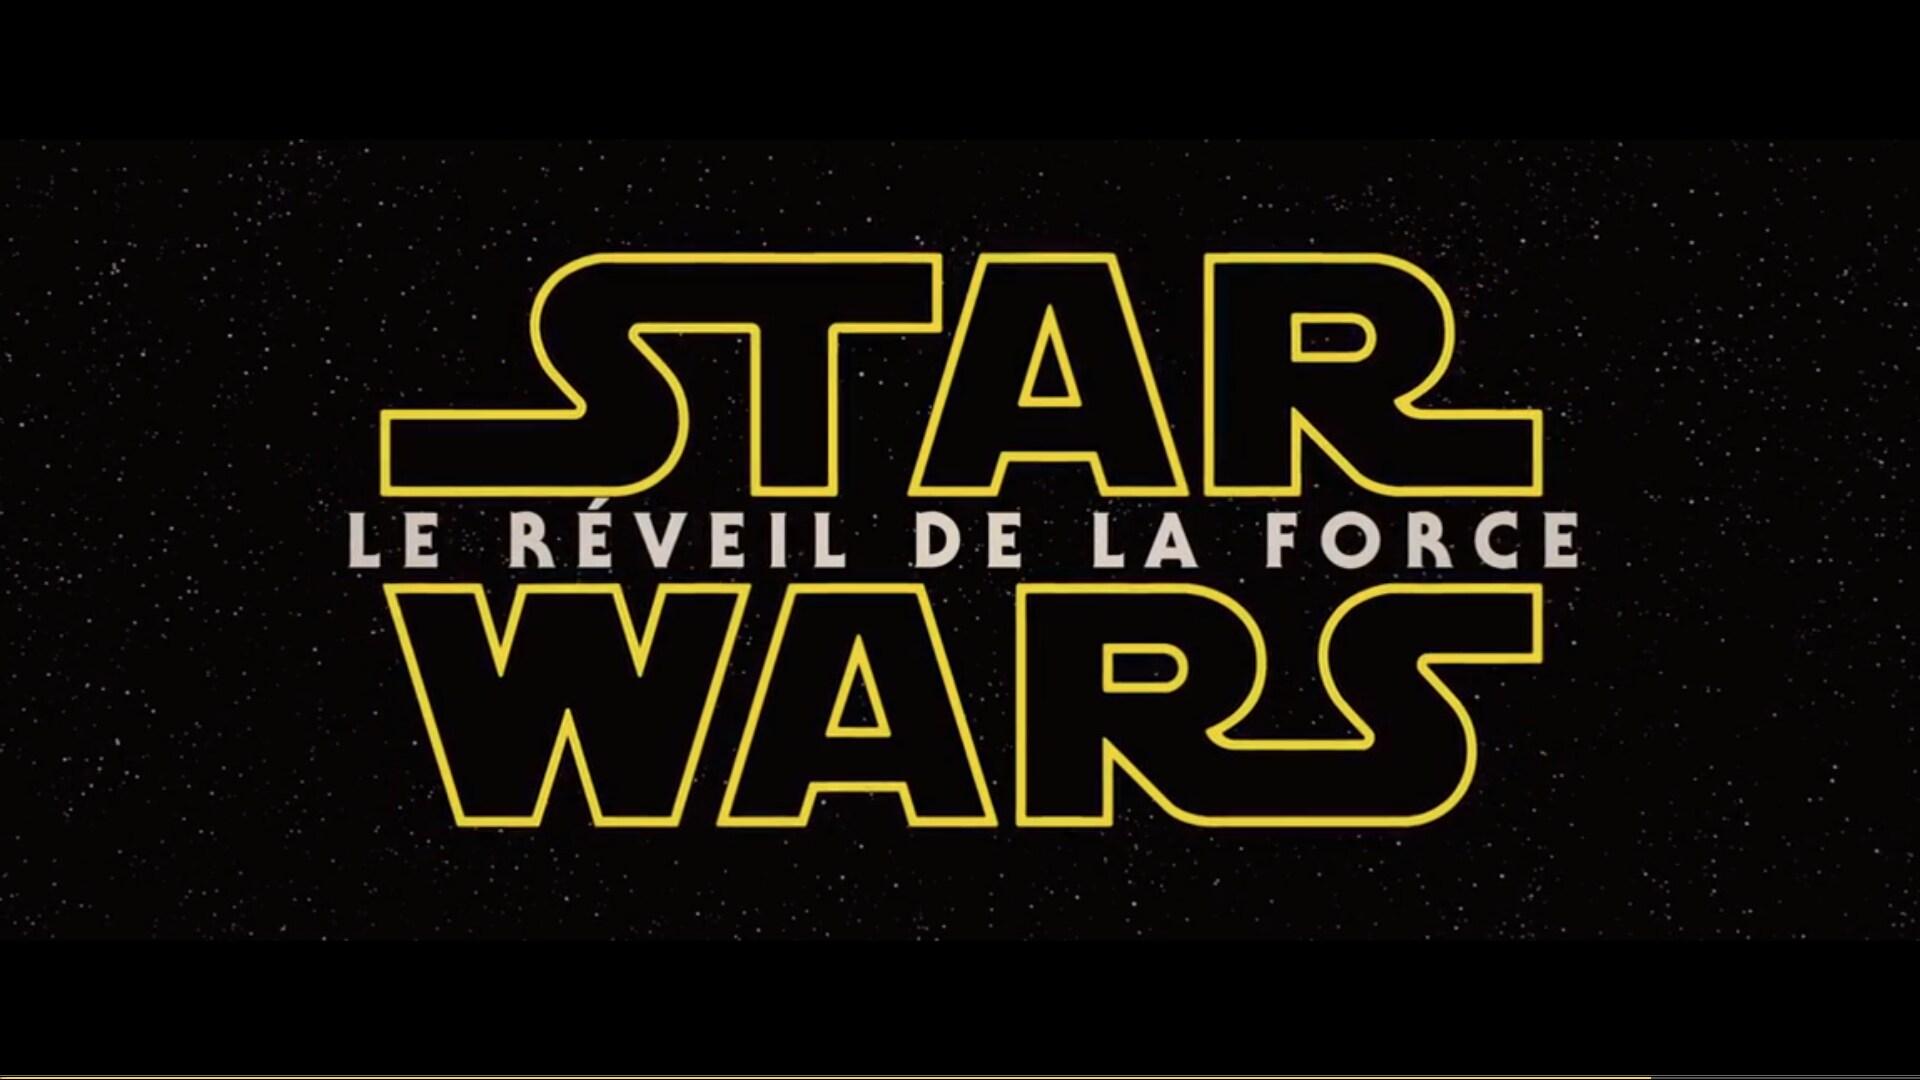 Première sortie d'un film de la saga Star Wars depuis le rachat de LucasFilm Ltd. par The Walt Disney Company en 2012